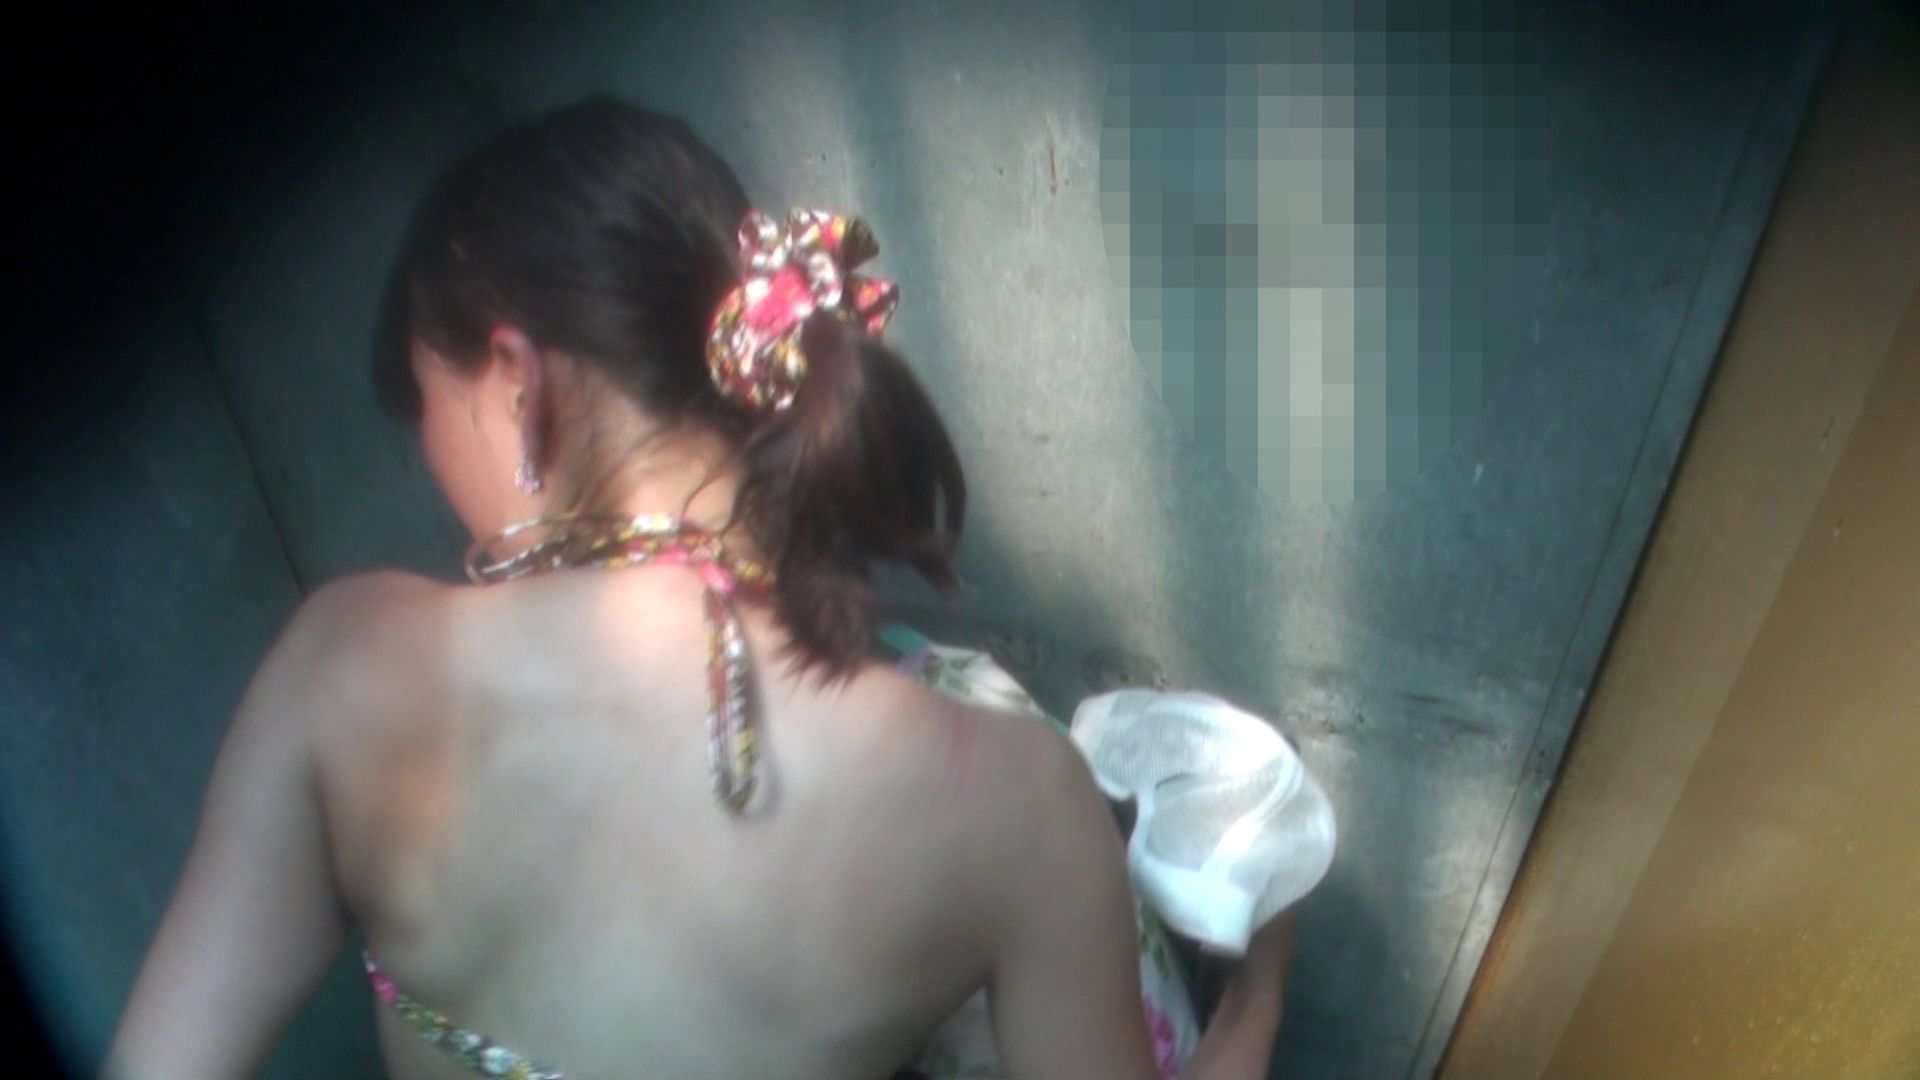 シャワールームは超!!危険な香りVol.16 意外に乳首は年増のそれ 脱衣所の着替え えろ無修正画像 105画像 18